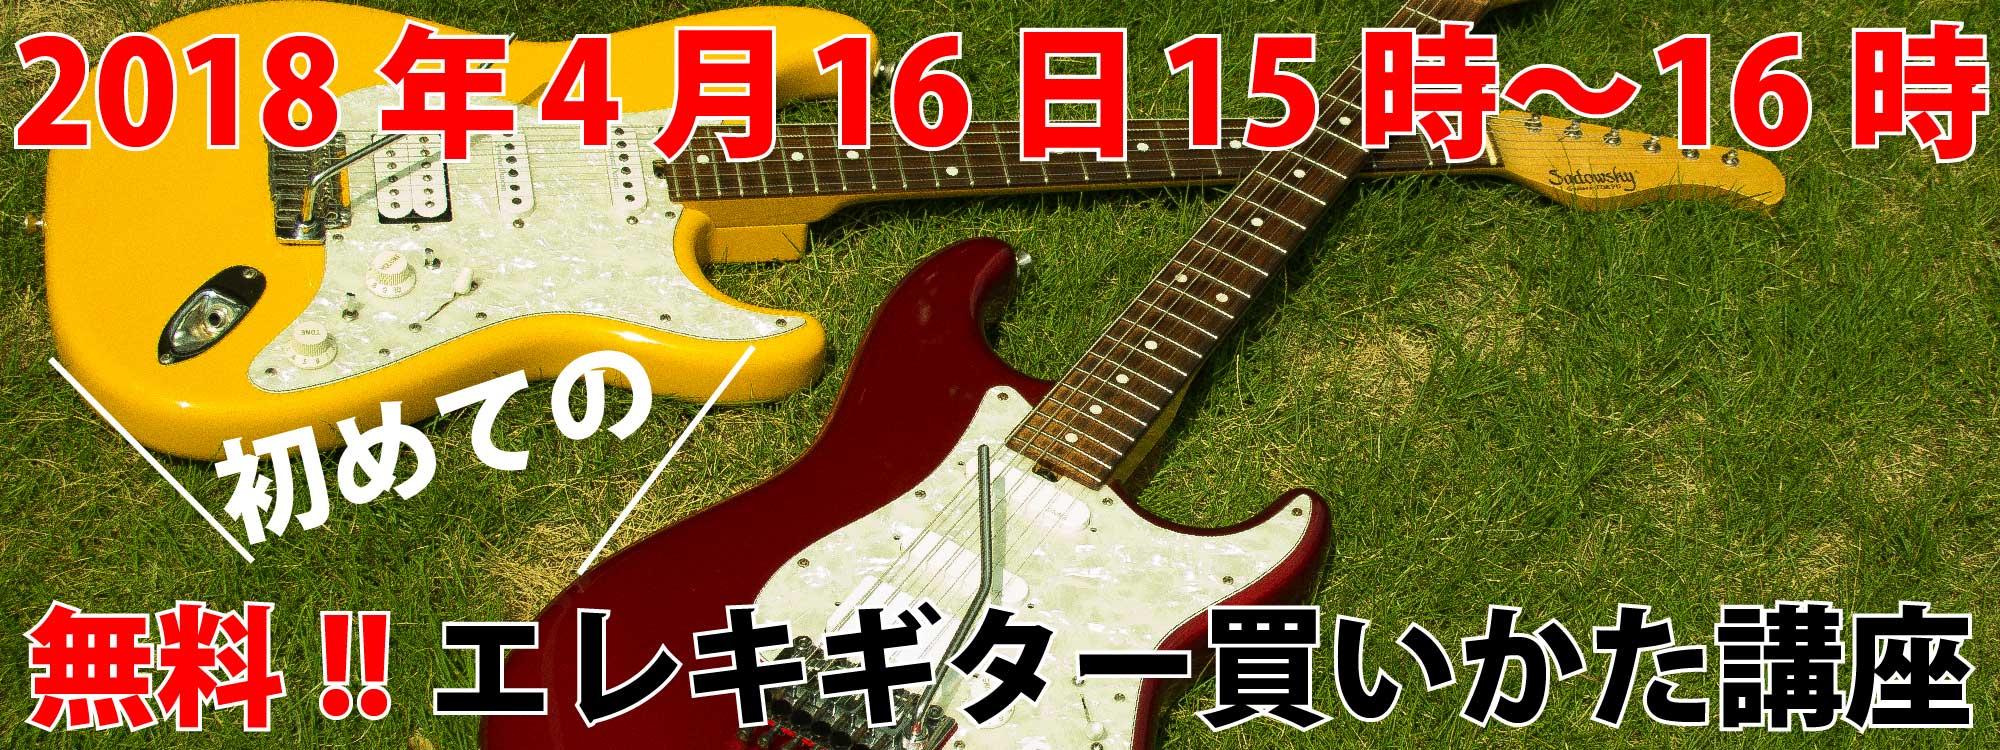 無料!!初めてのエレキギター買いかた講座(2018年4月16日(15~16時))